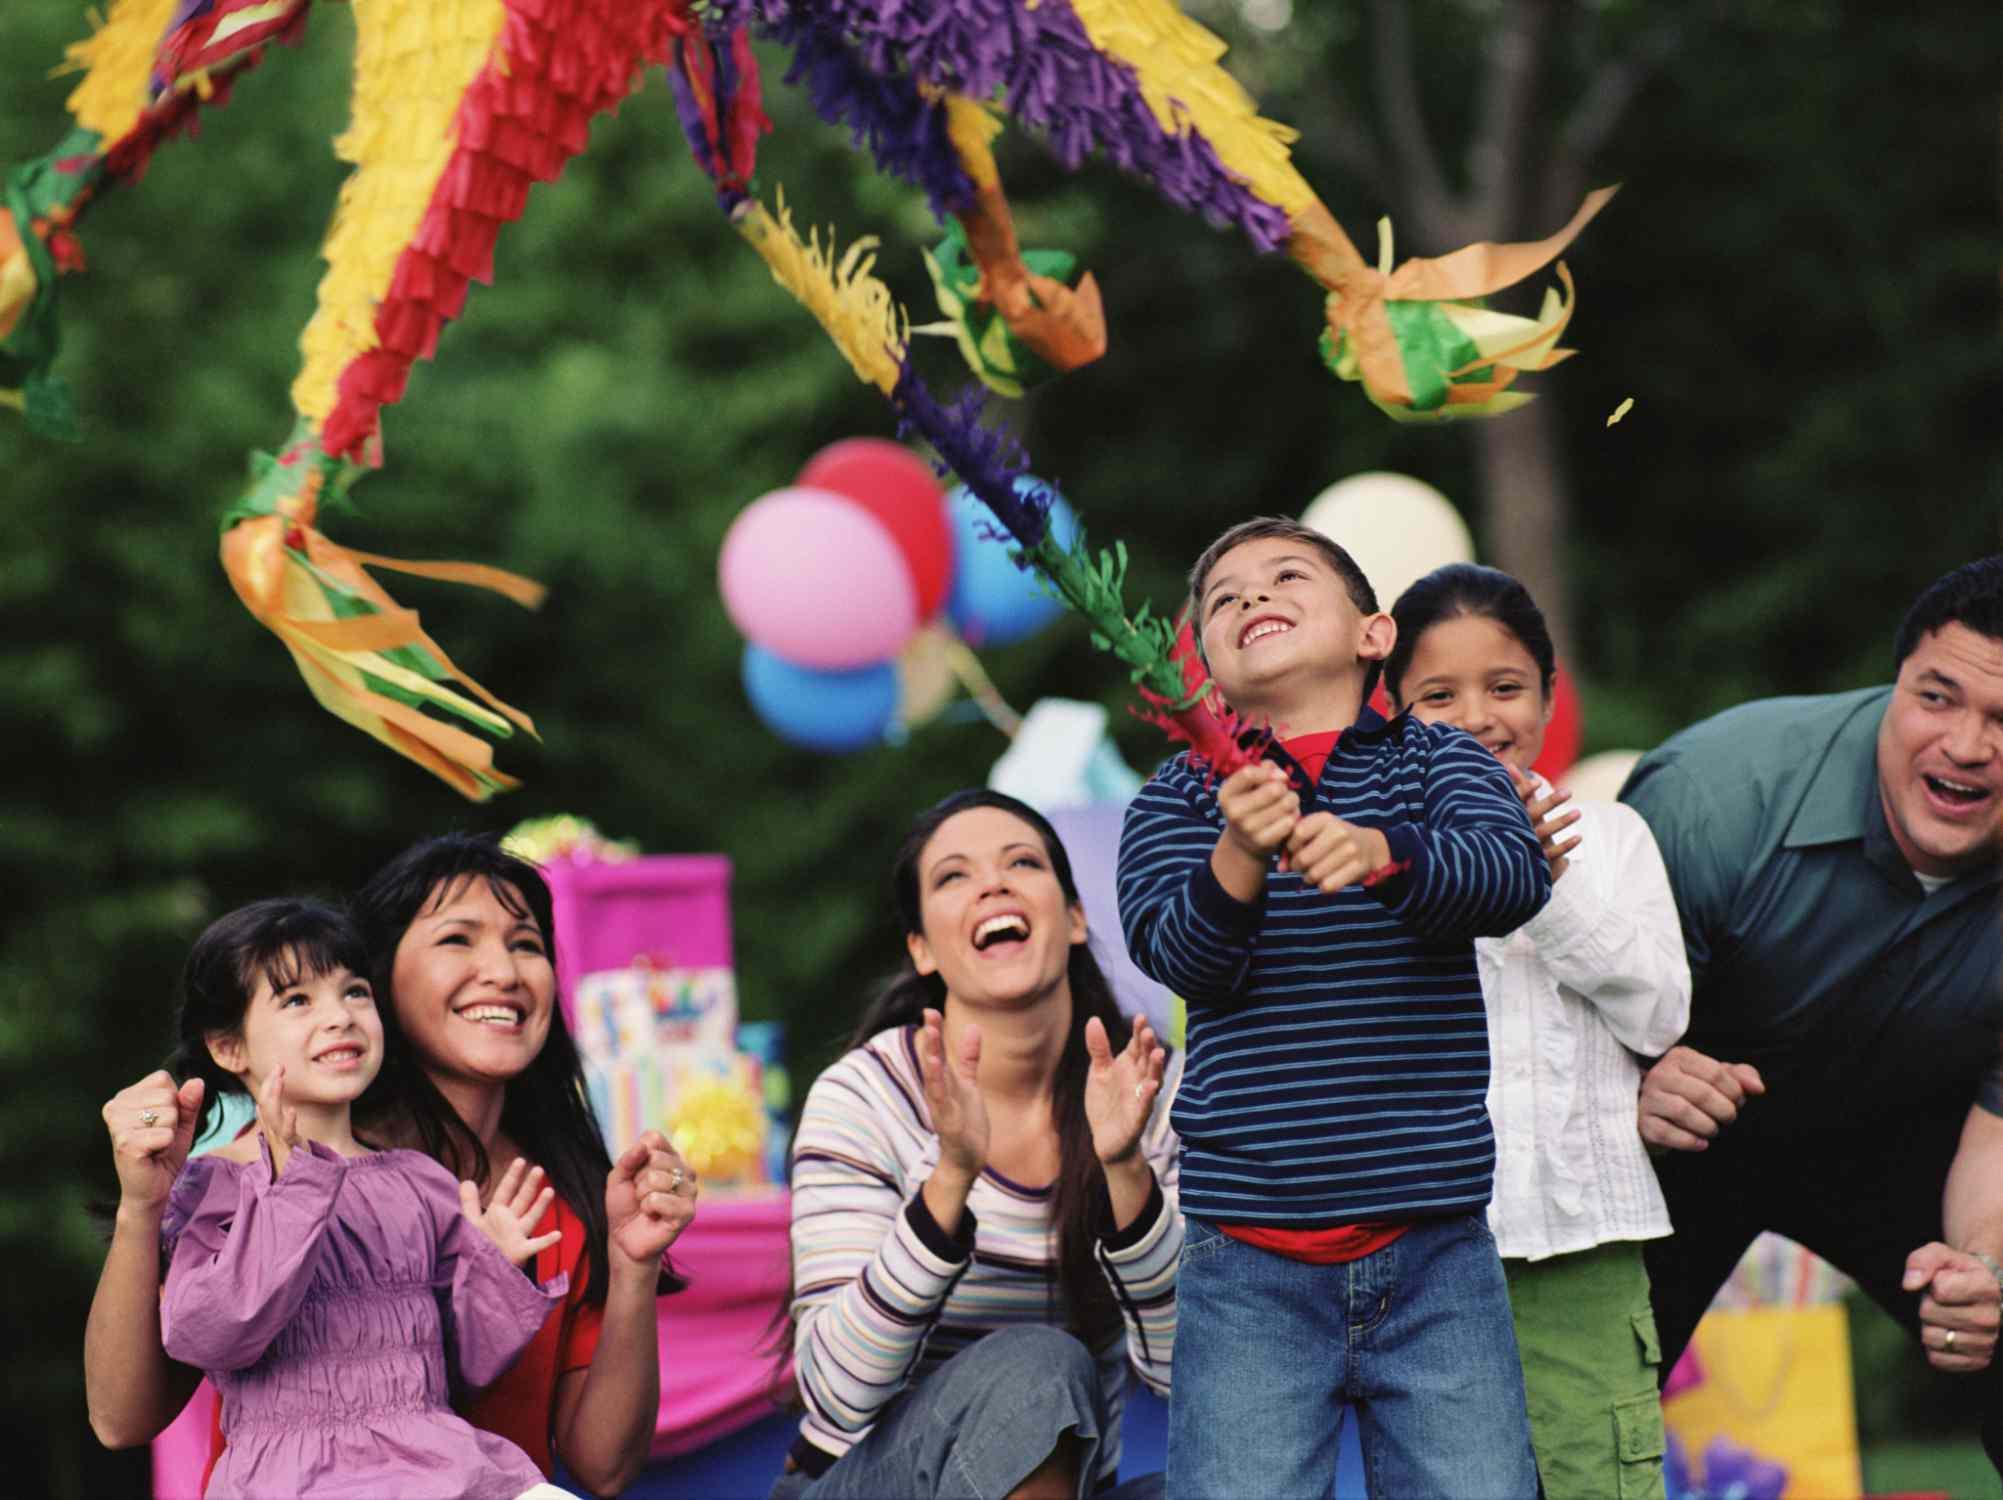 Niños hispanos jugando con una piñata